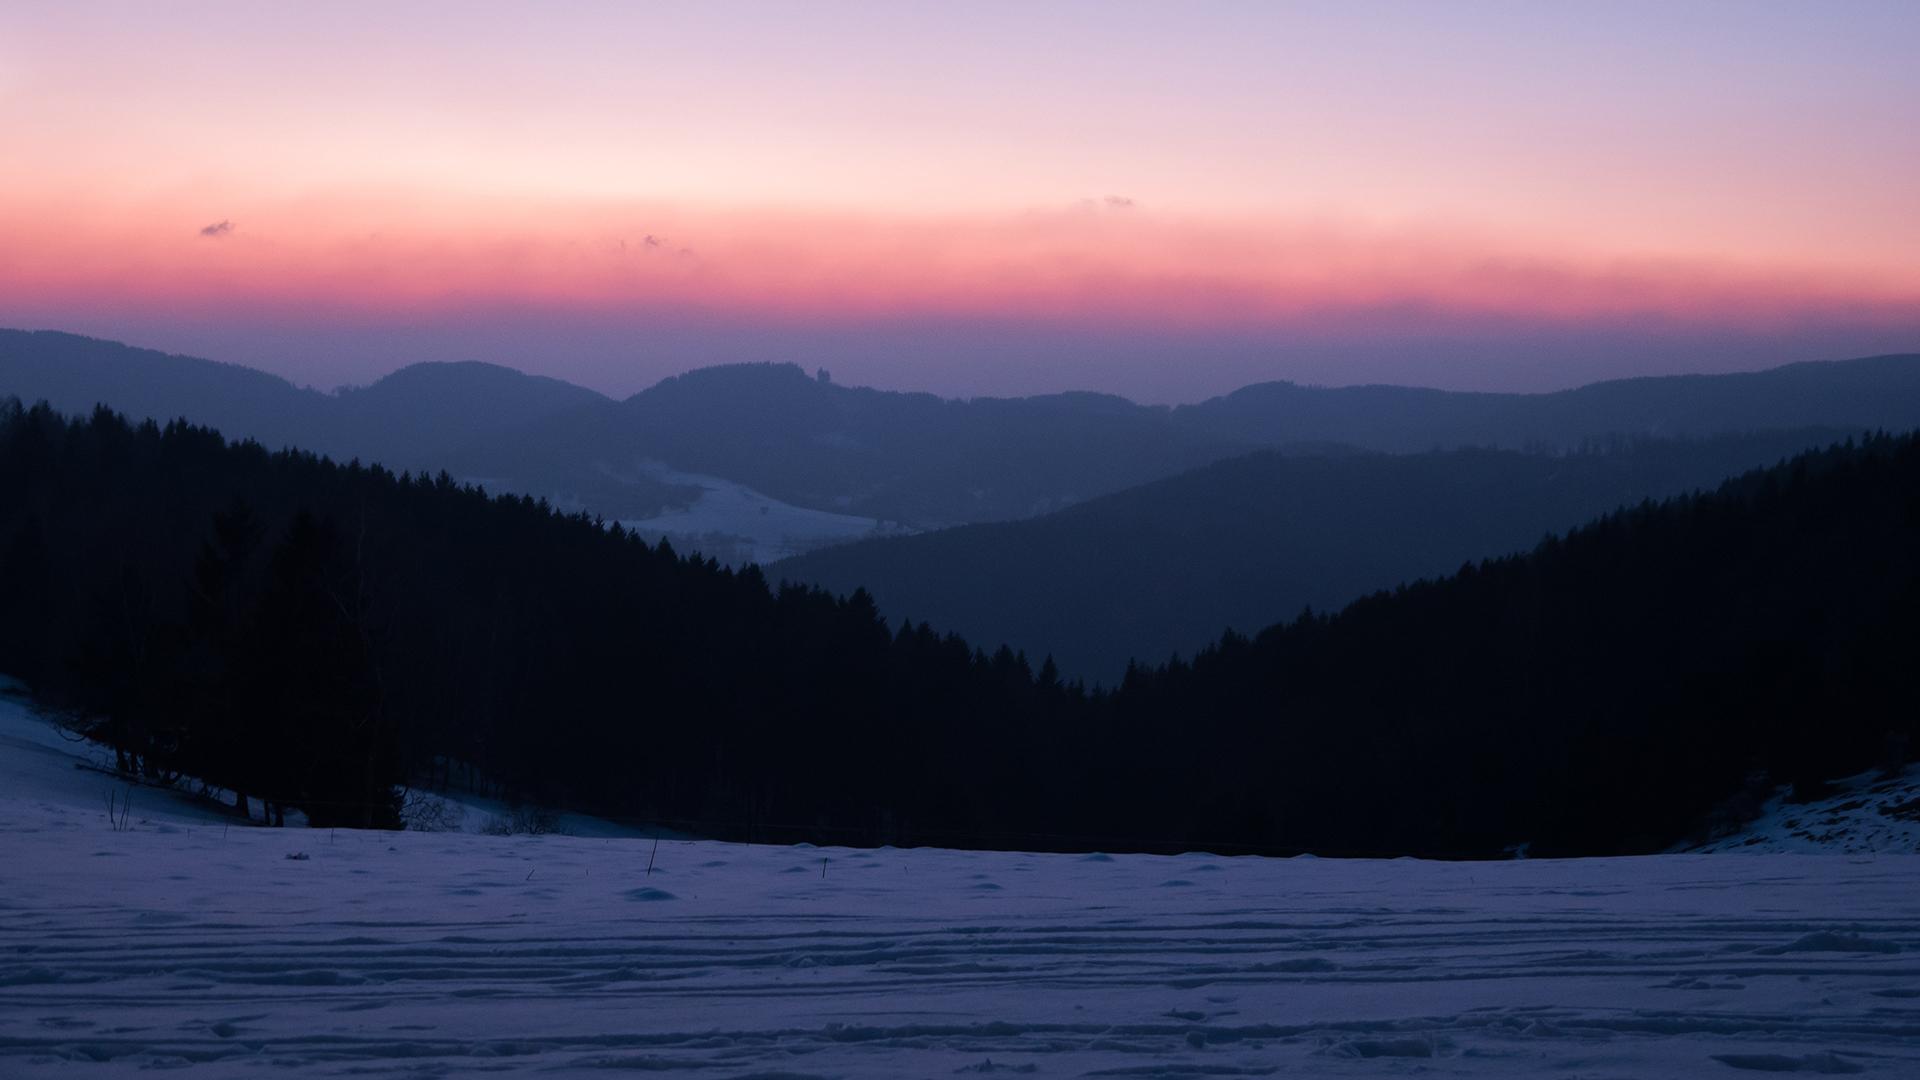 4k picture wallpaper,sky,mountain,mountainous landforms,nature,atmospheric phenomenon